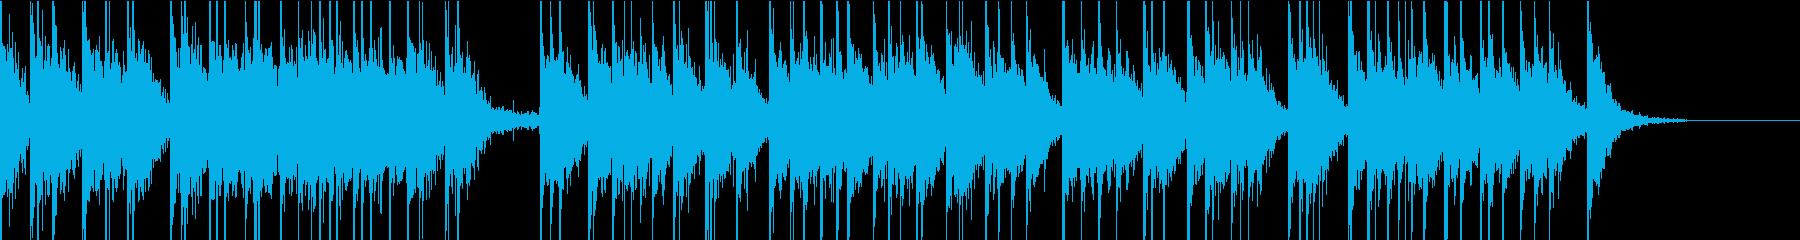 バンドンバンの再生済みの波形